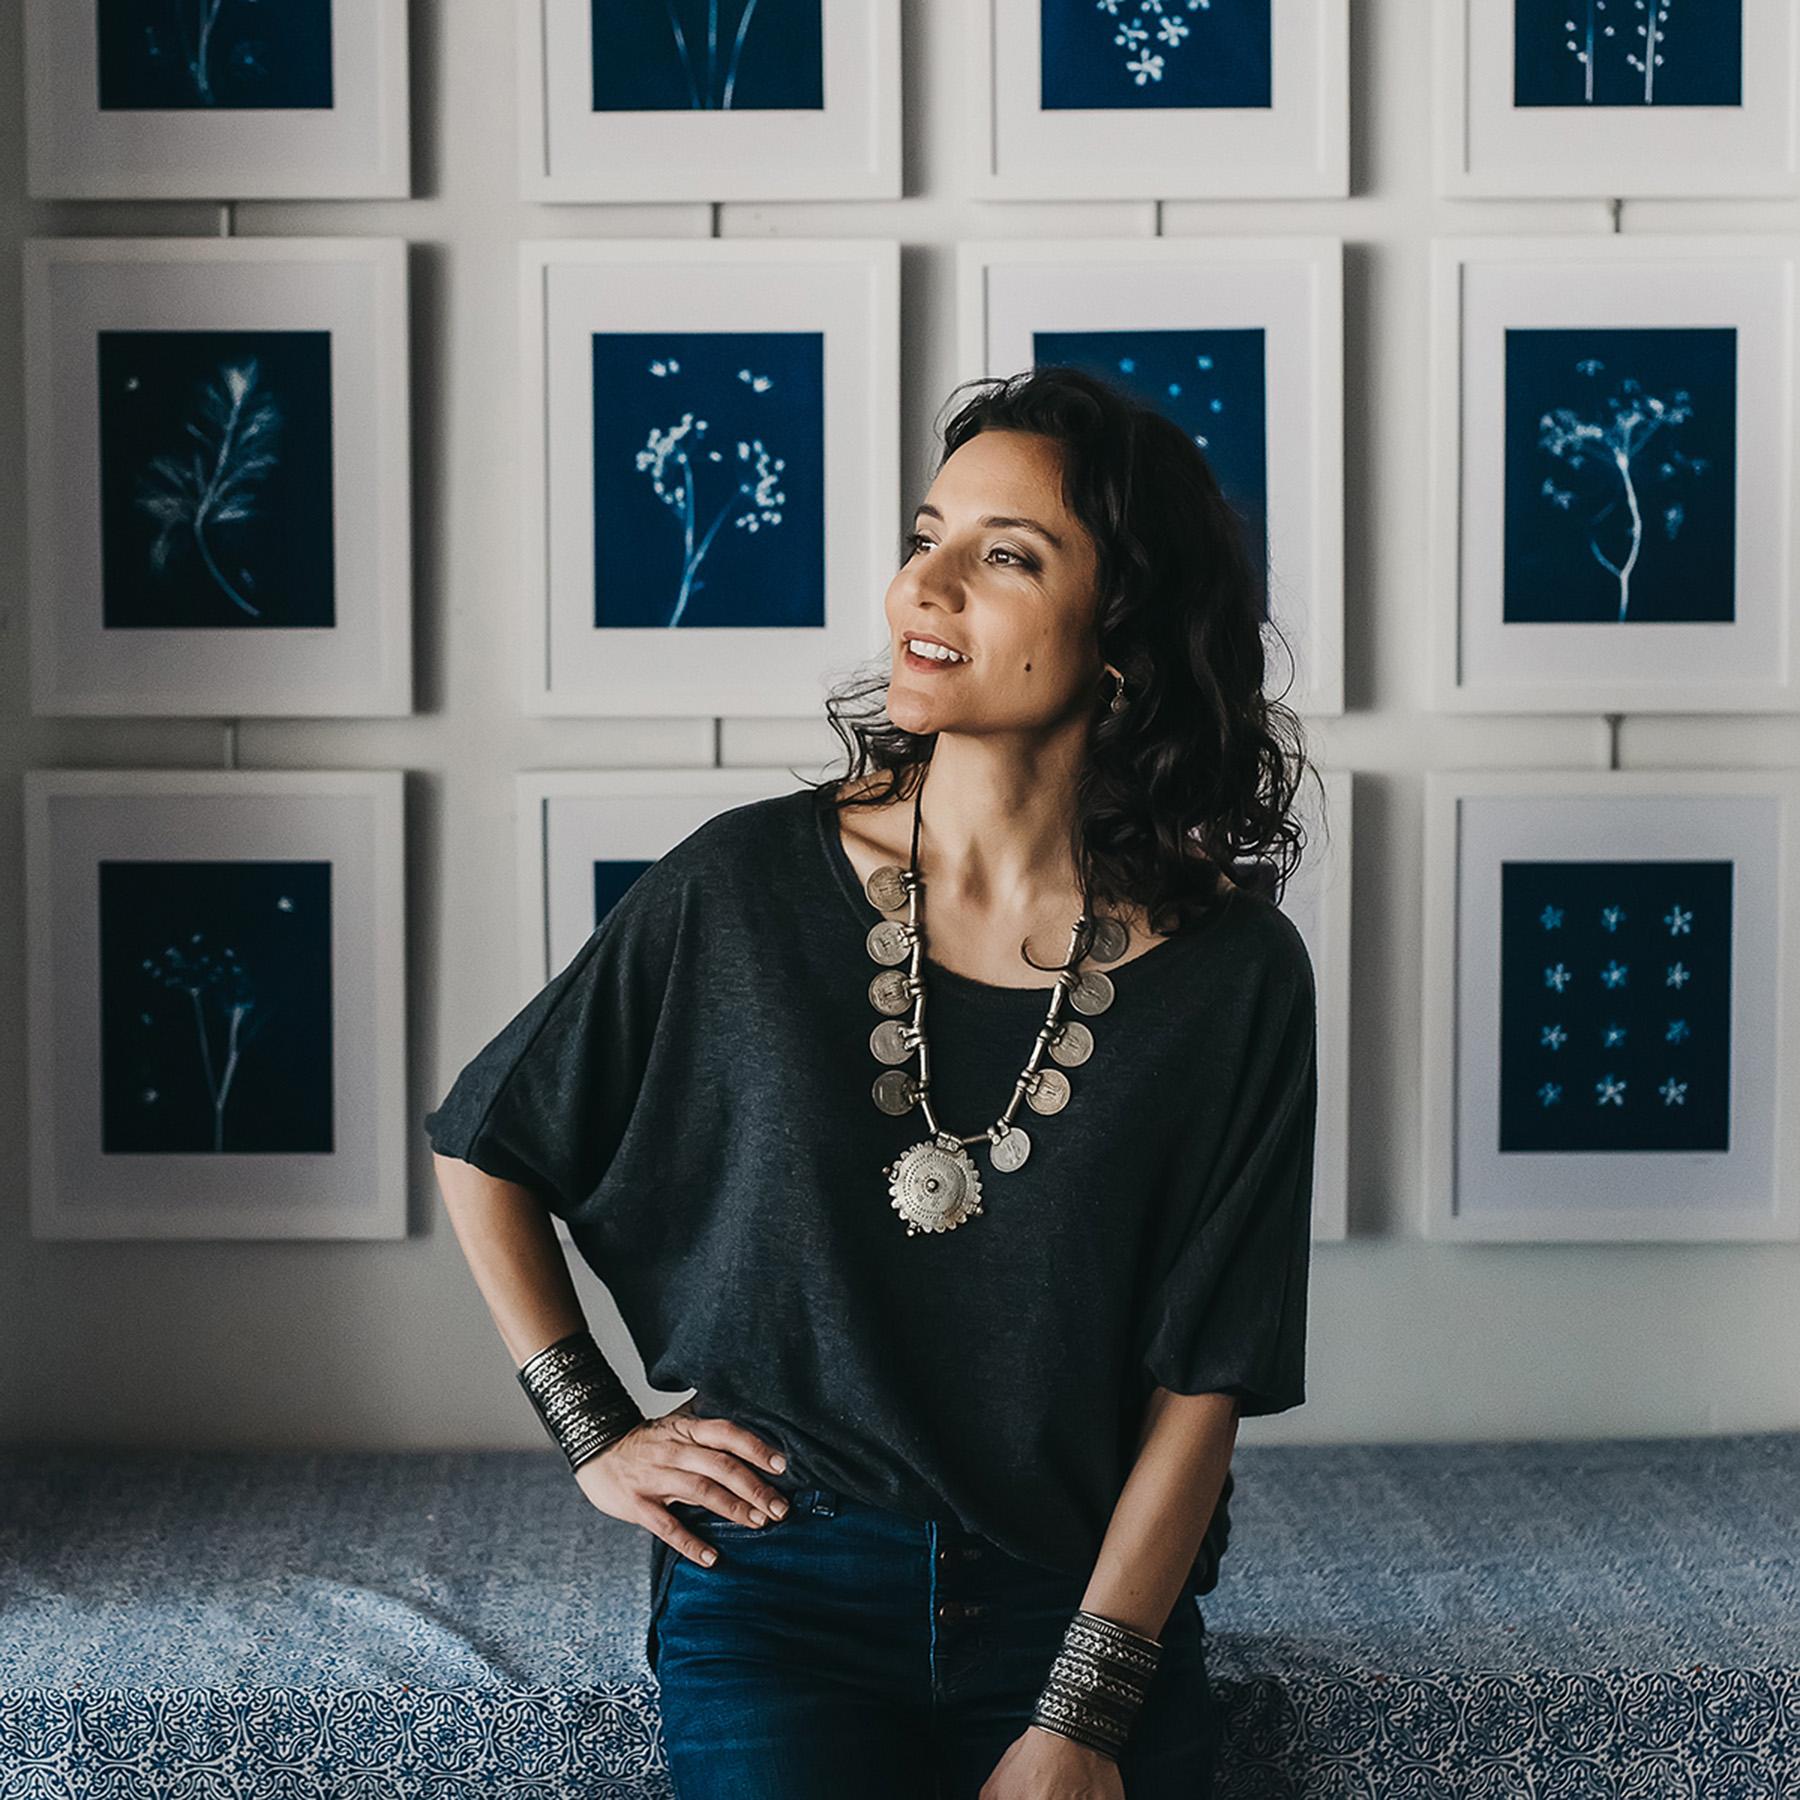 Yasmin Youssef